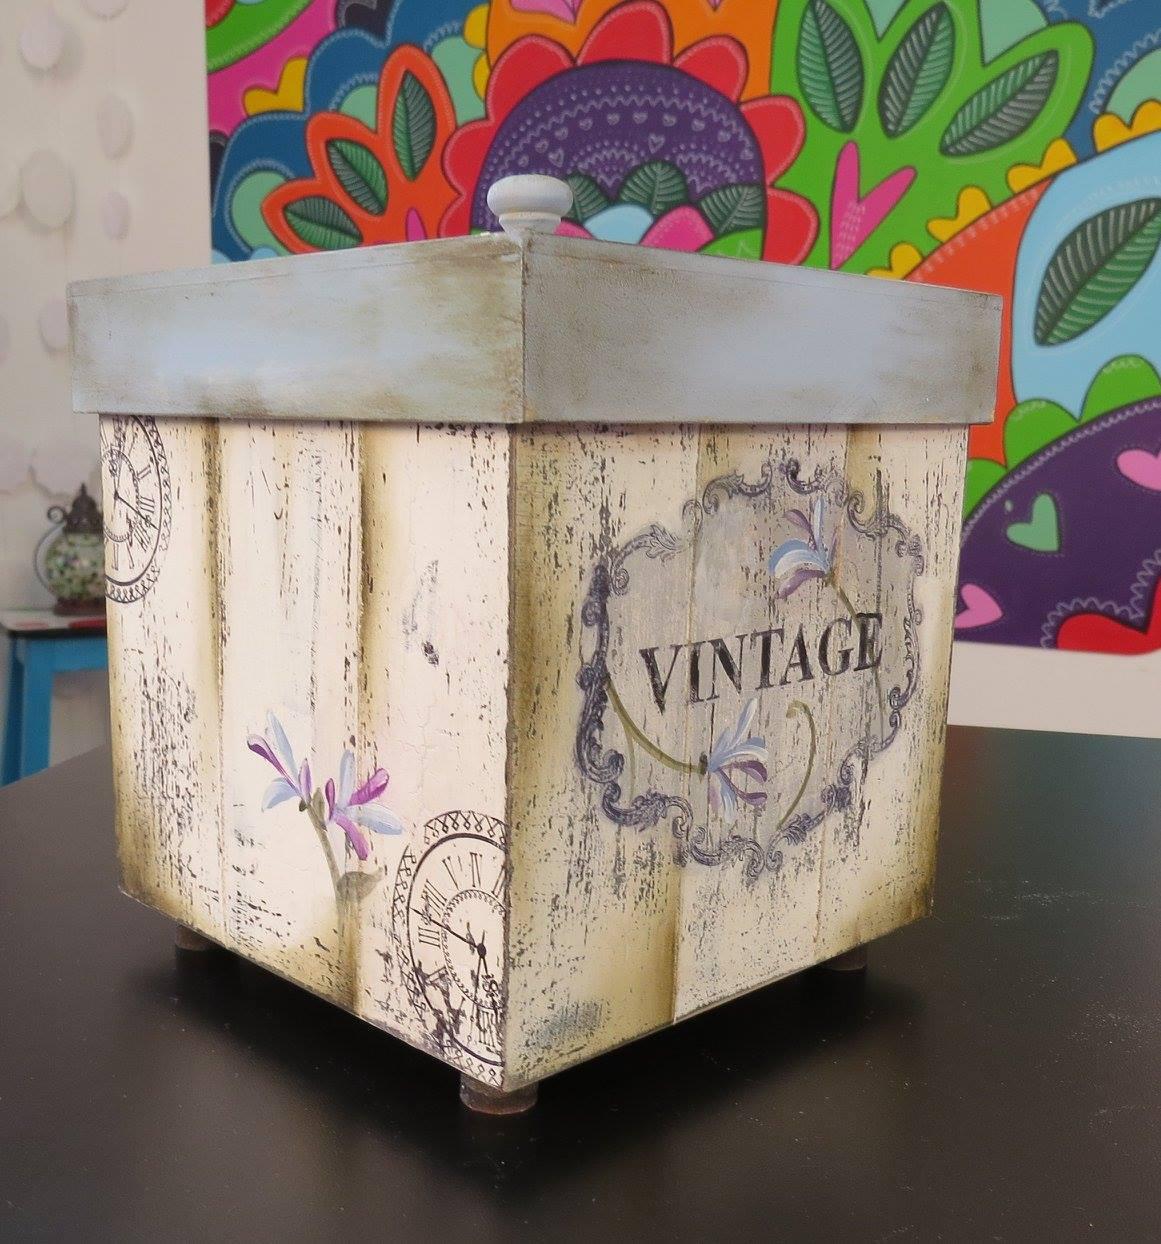 M s de 1000 im genes sobre cajas decoradas en pinterest - Cajas de decoracion ...